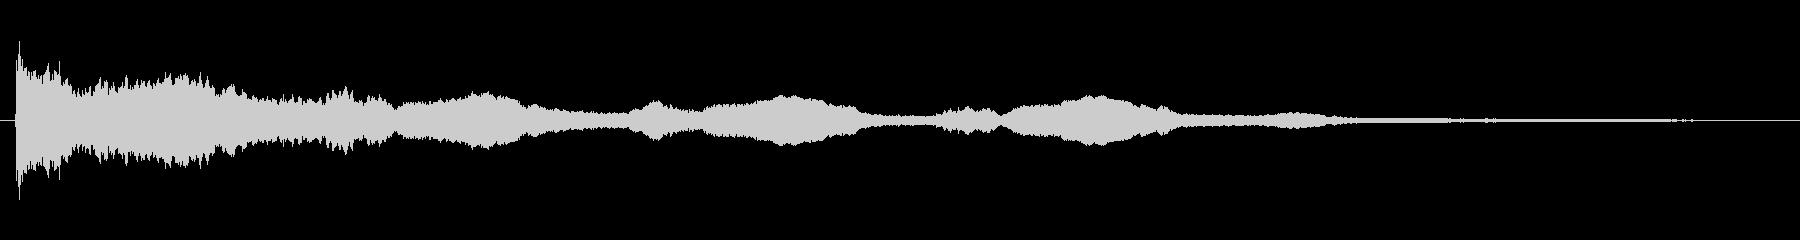 キラキラSE(キーン/補助魔法)の未再生の波形